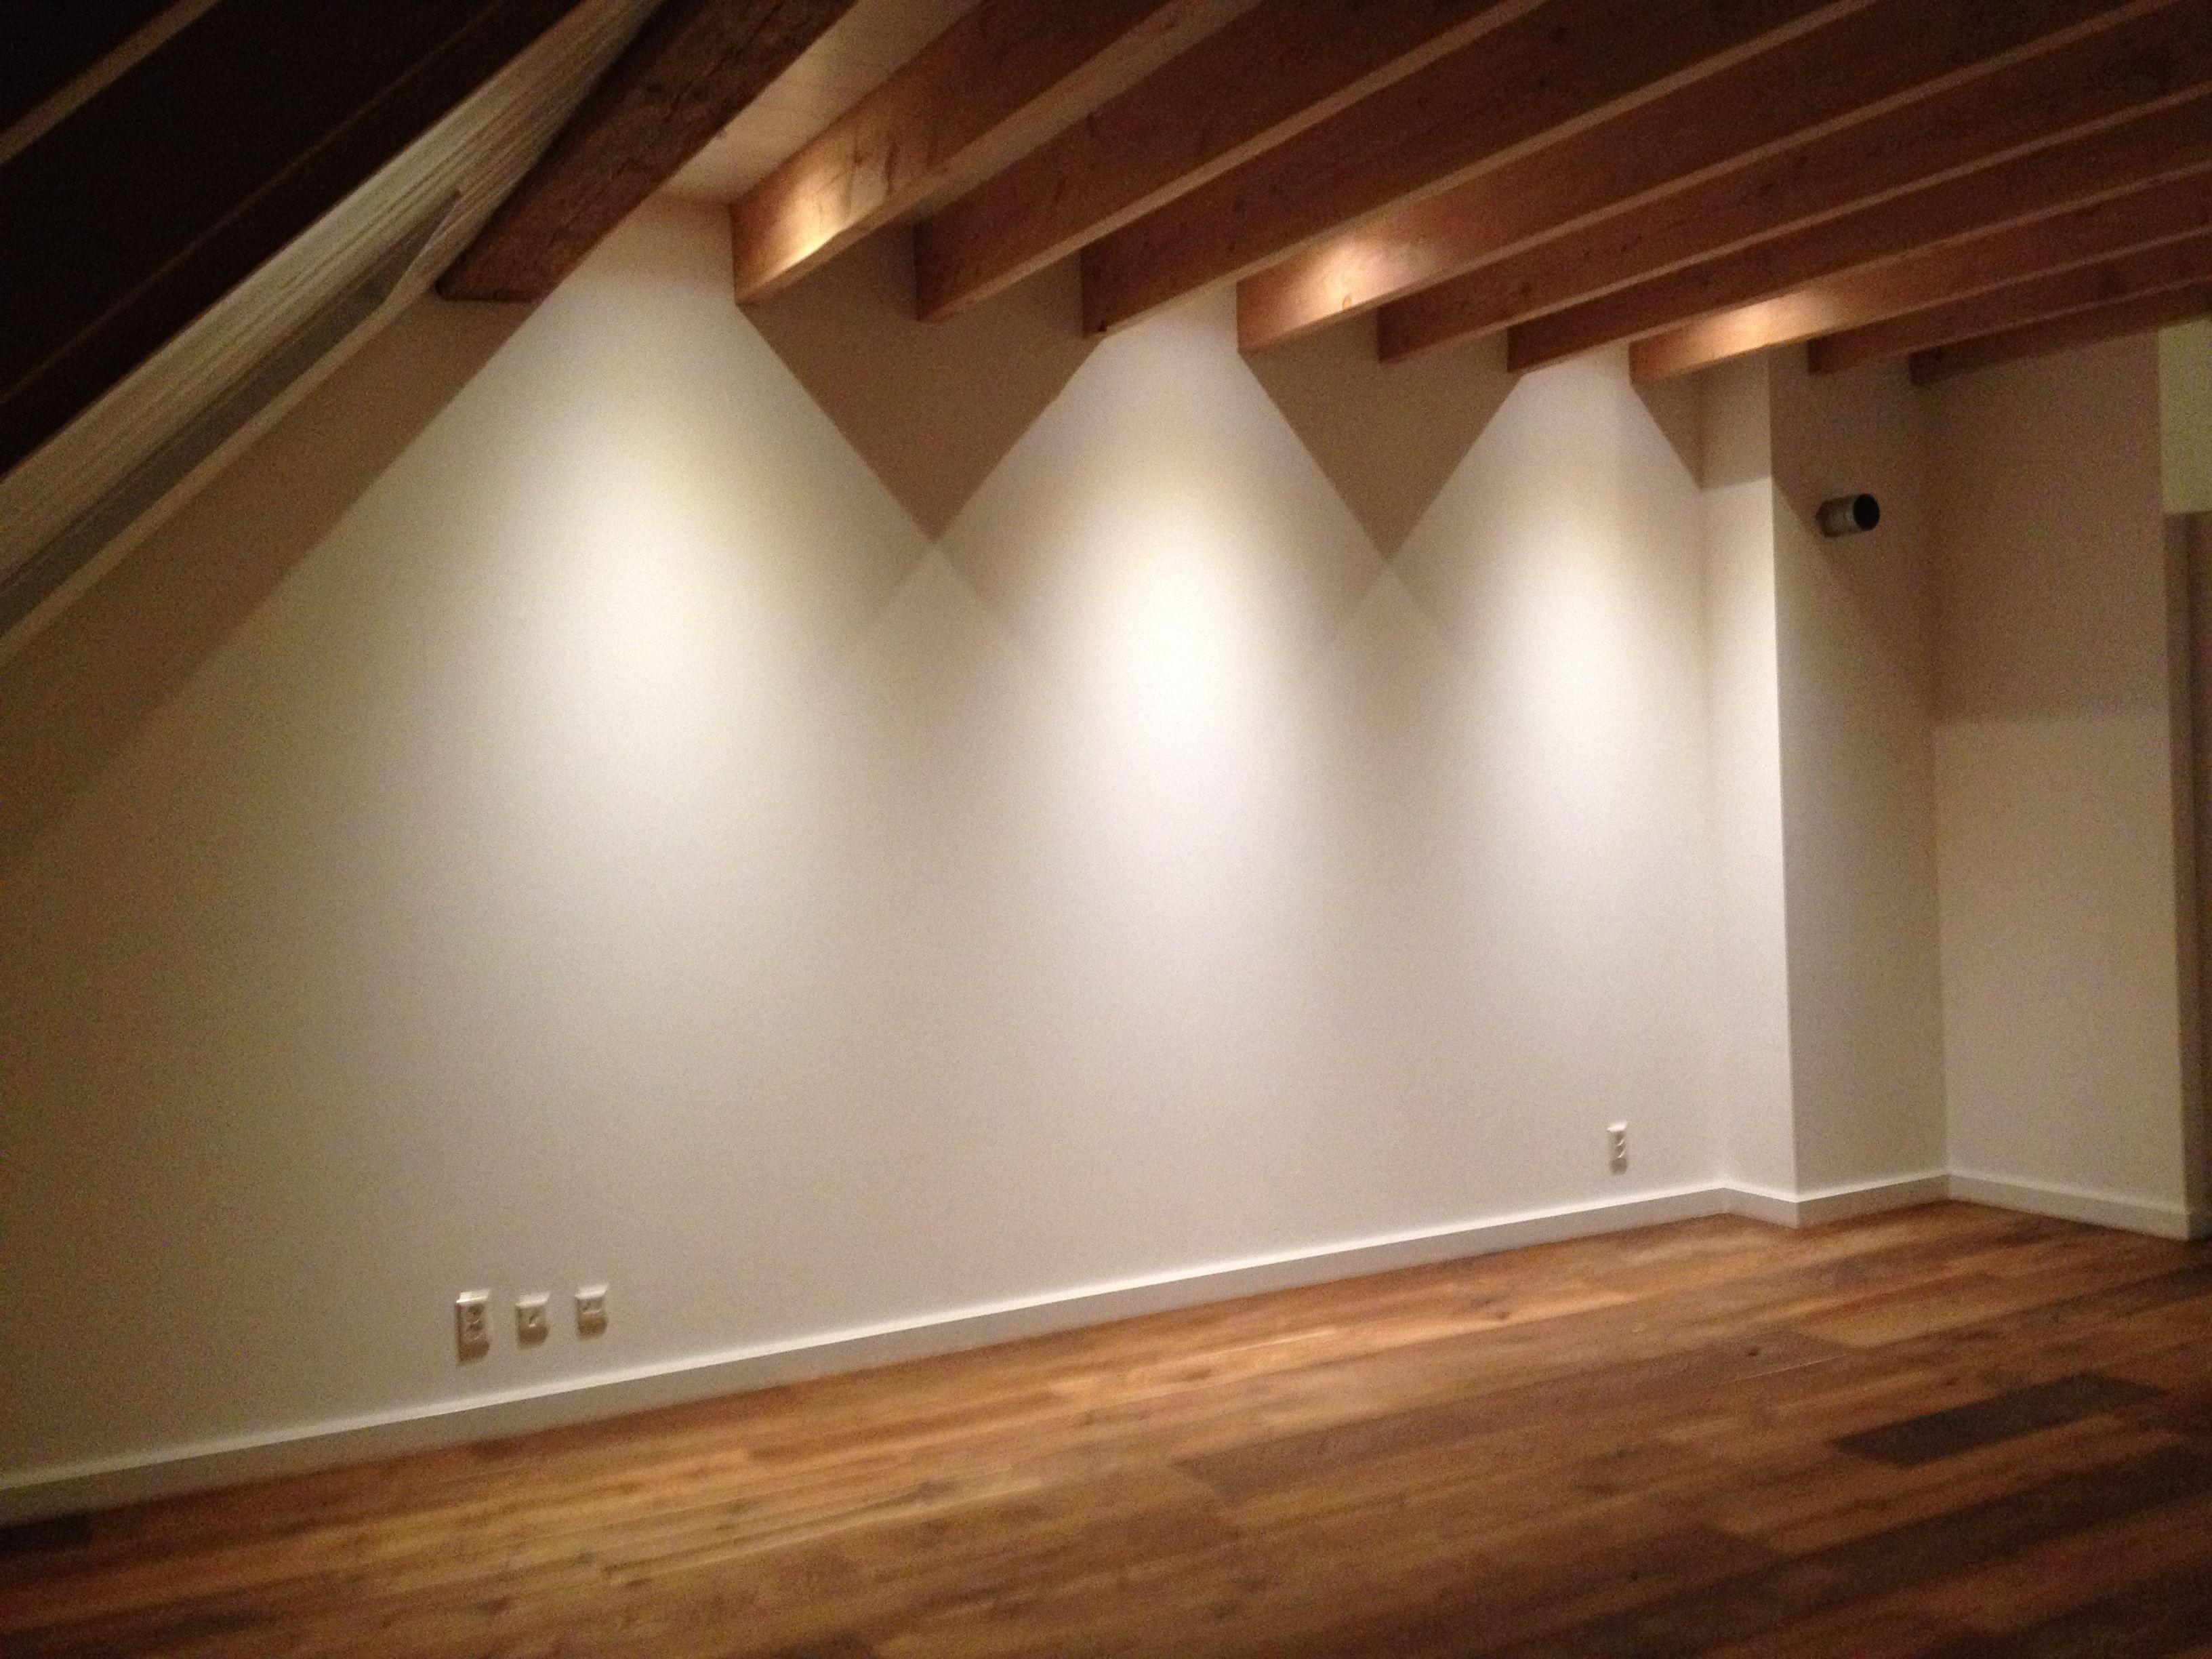 Deze spotjes in het plafond laten hun licht schijnen langs de